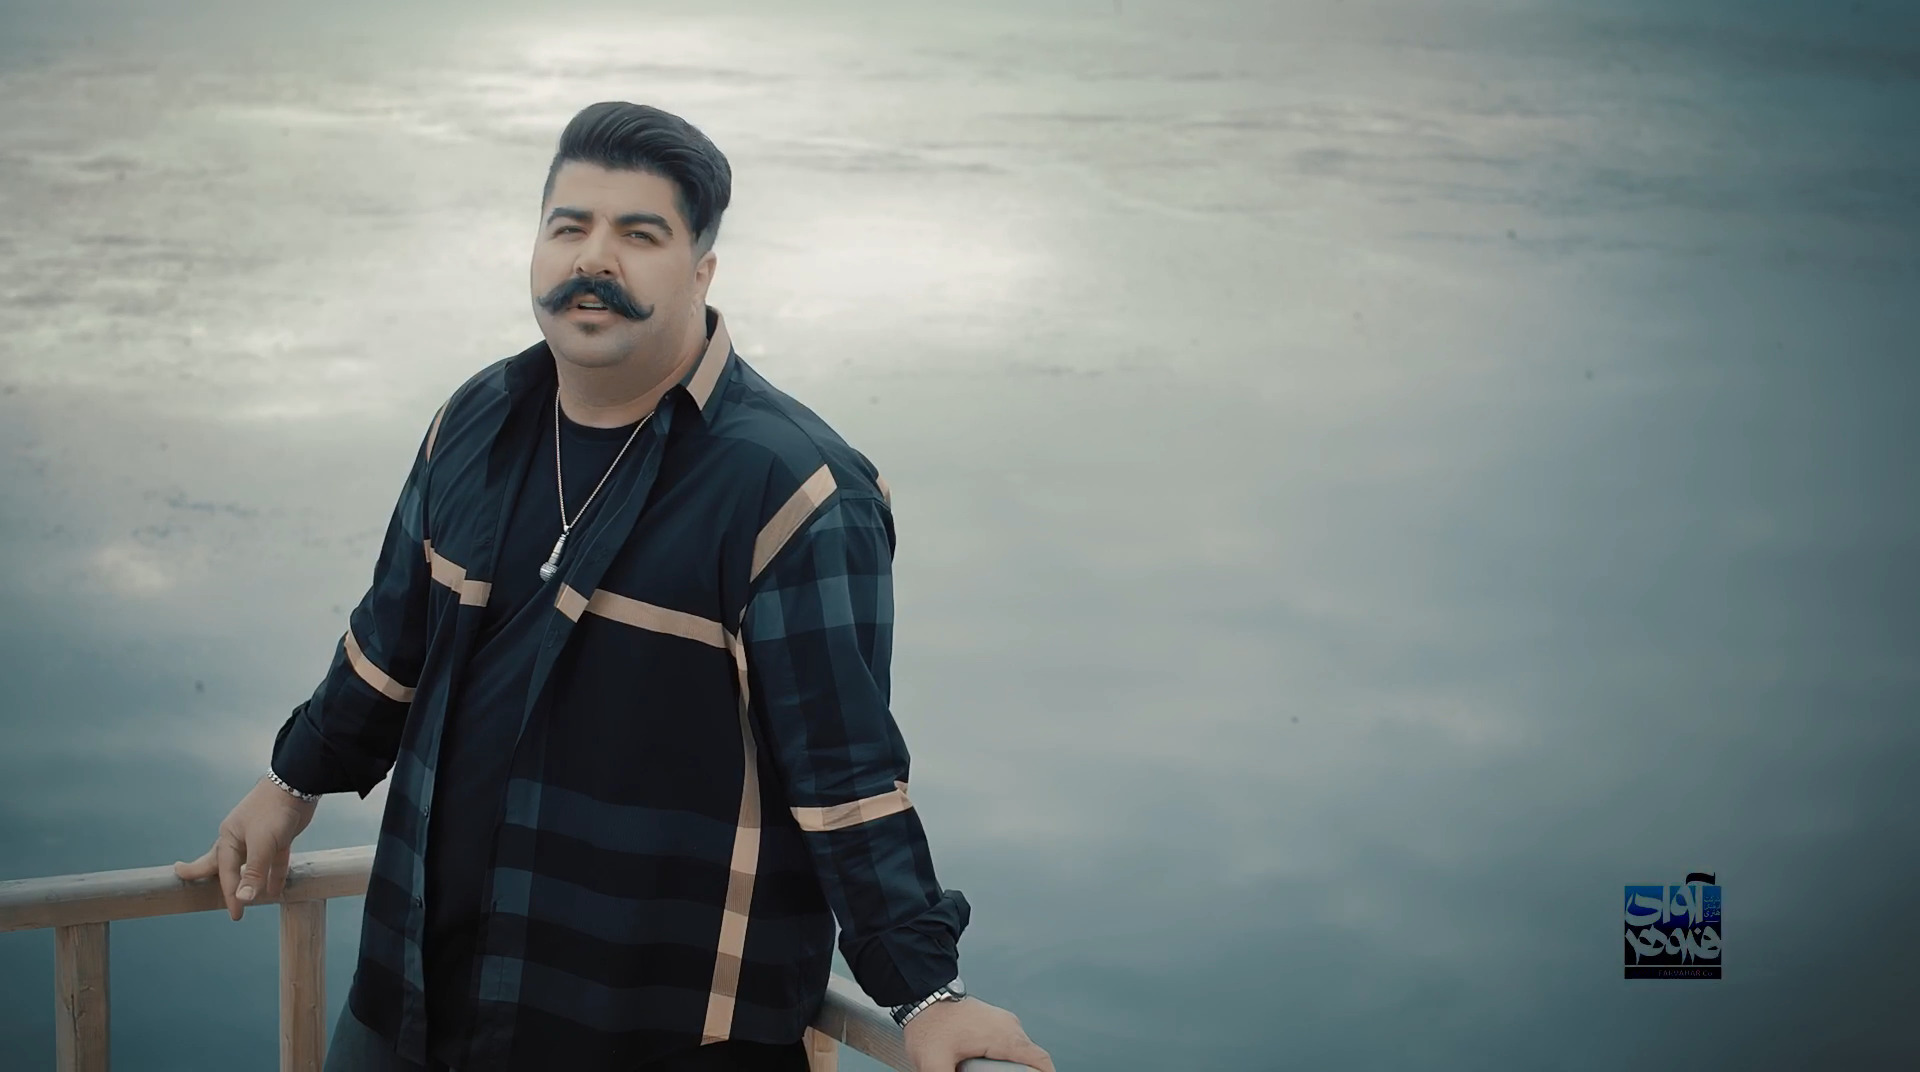 اولین موزیک ویدئوی رسمی بهنام بانی منتشر شد | «فقط برو» را آنلاین ببینید و دانلود کنید